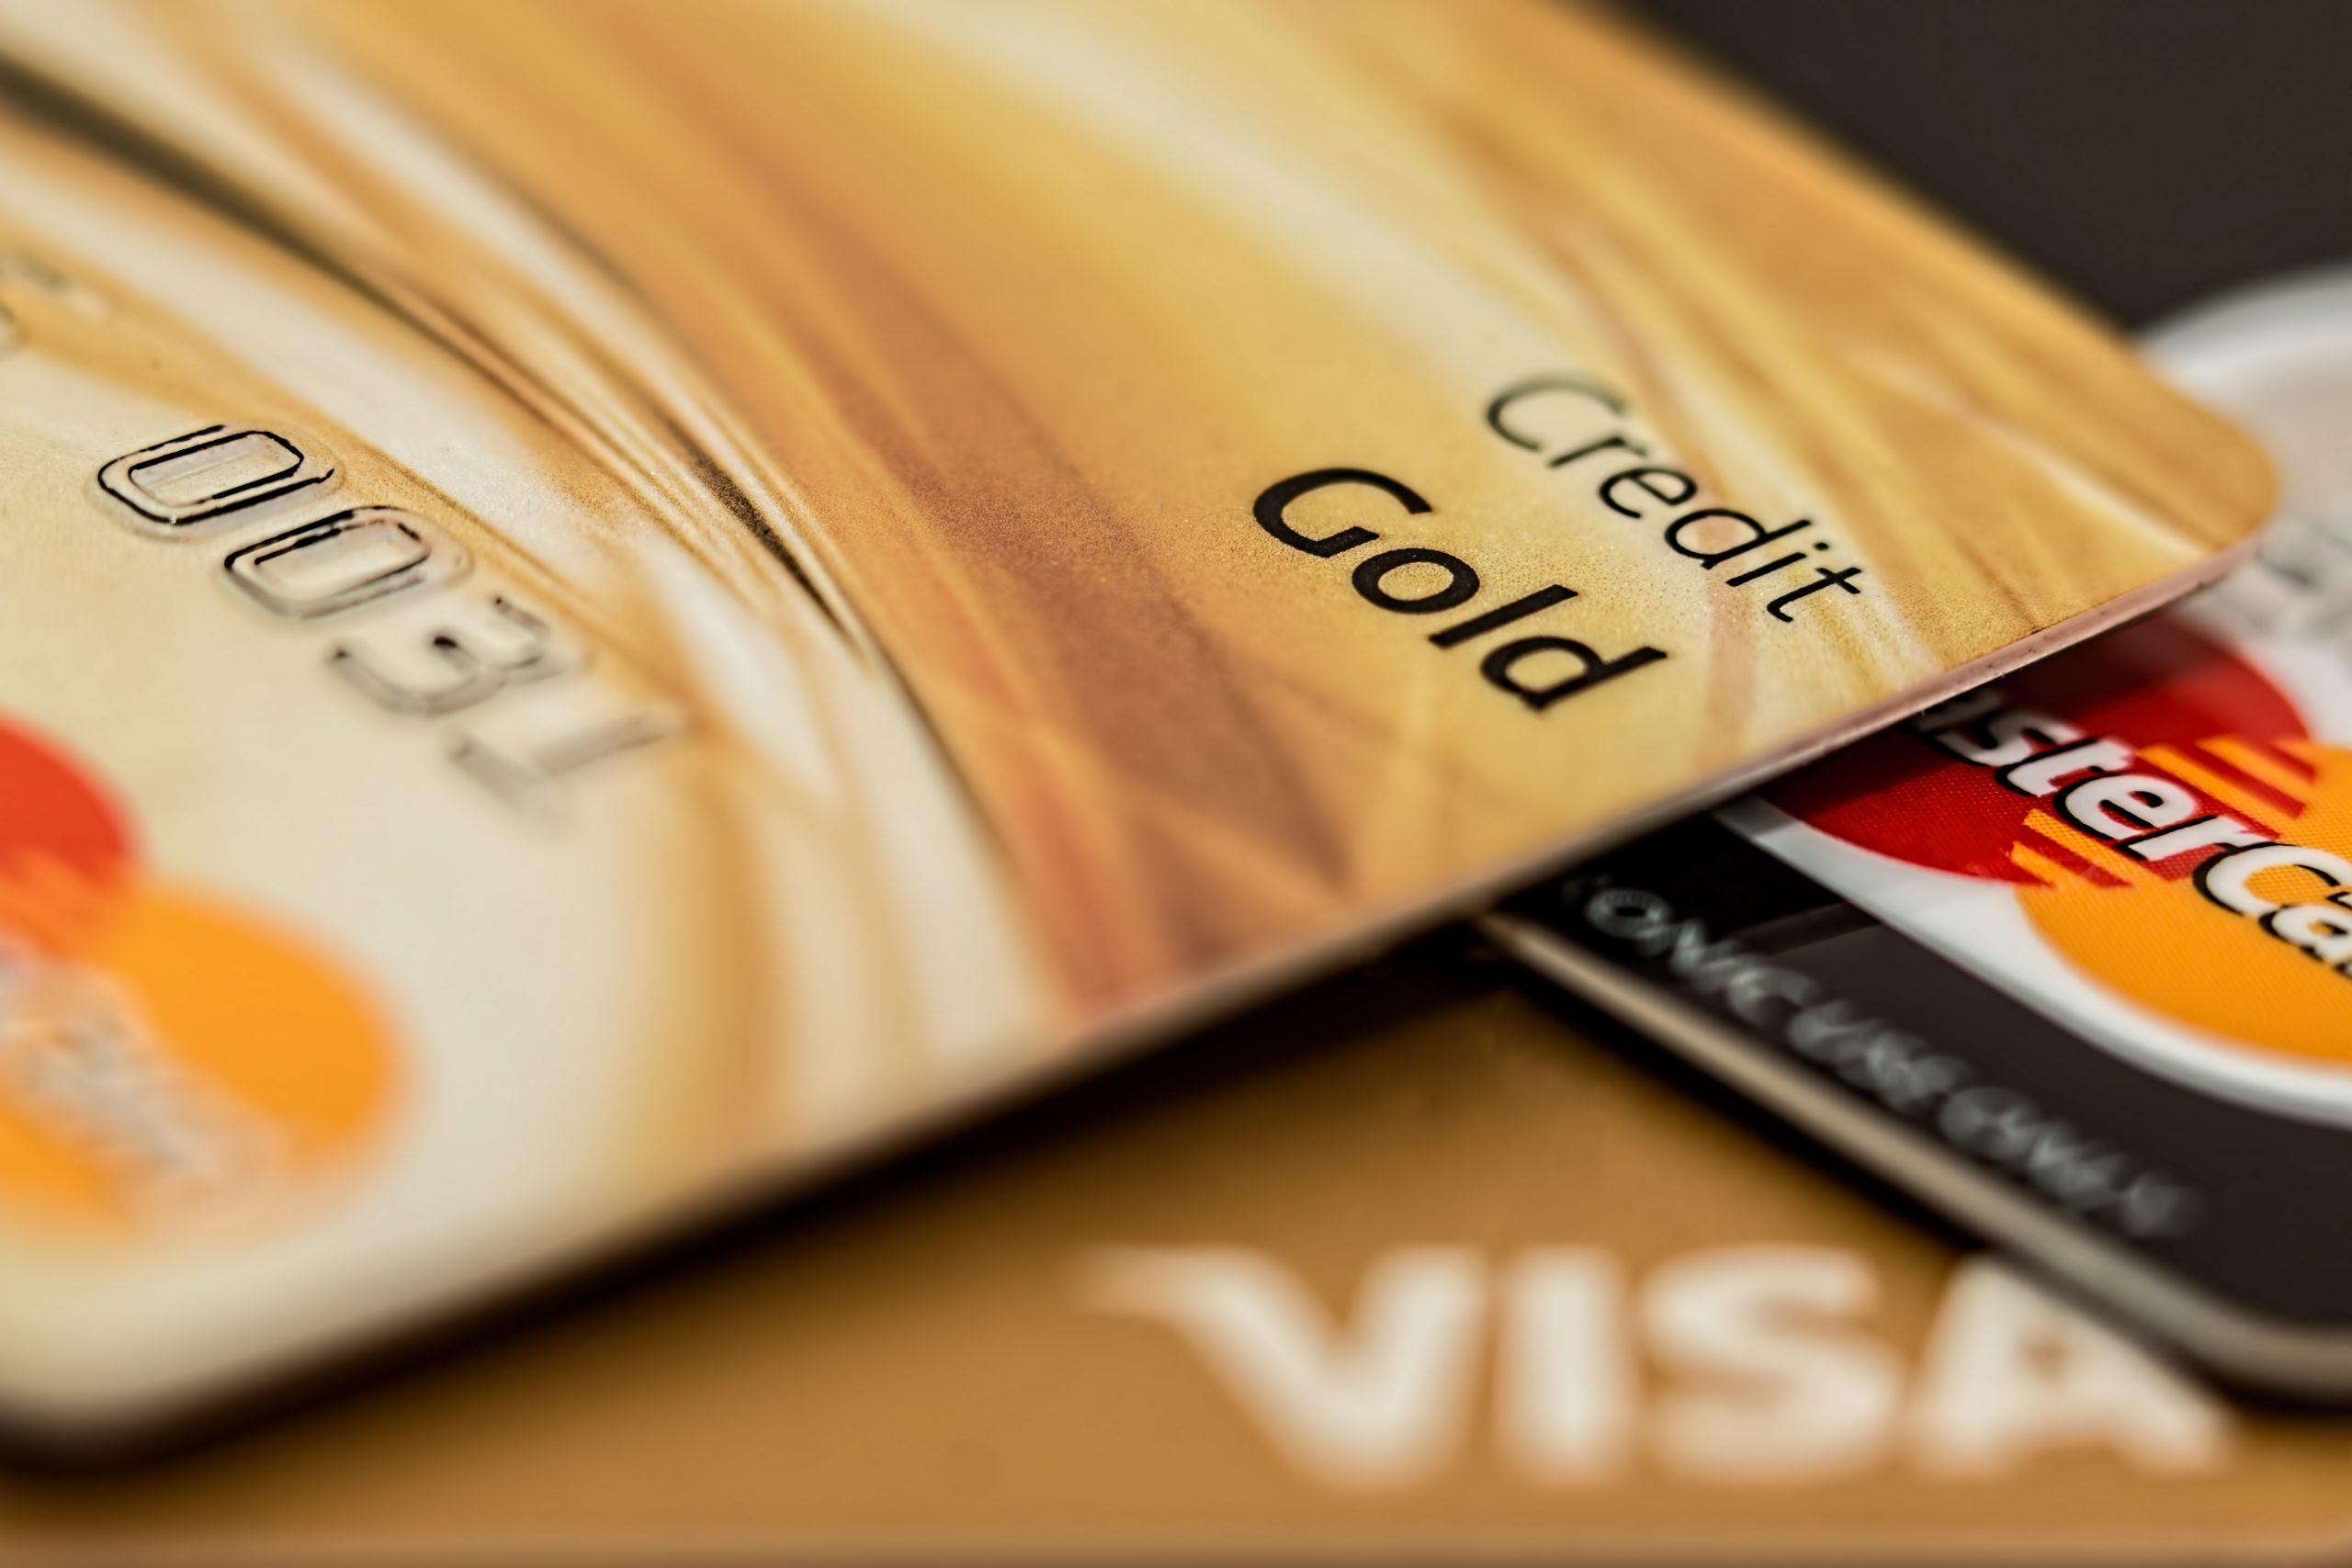 İnternetten Kredi Kartı Başvuru İşlemi Nasıl Yapılır3